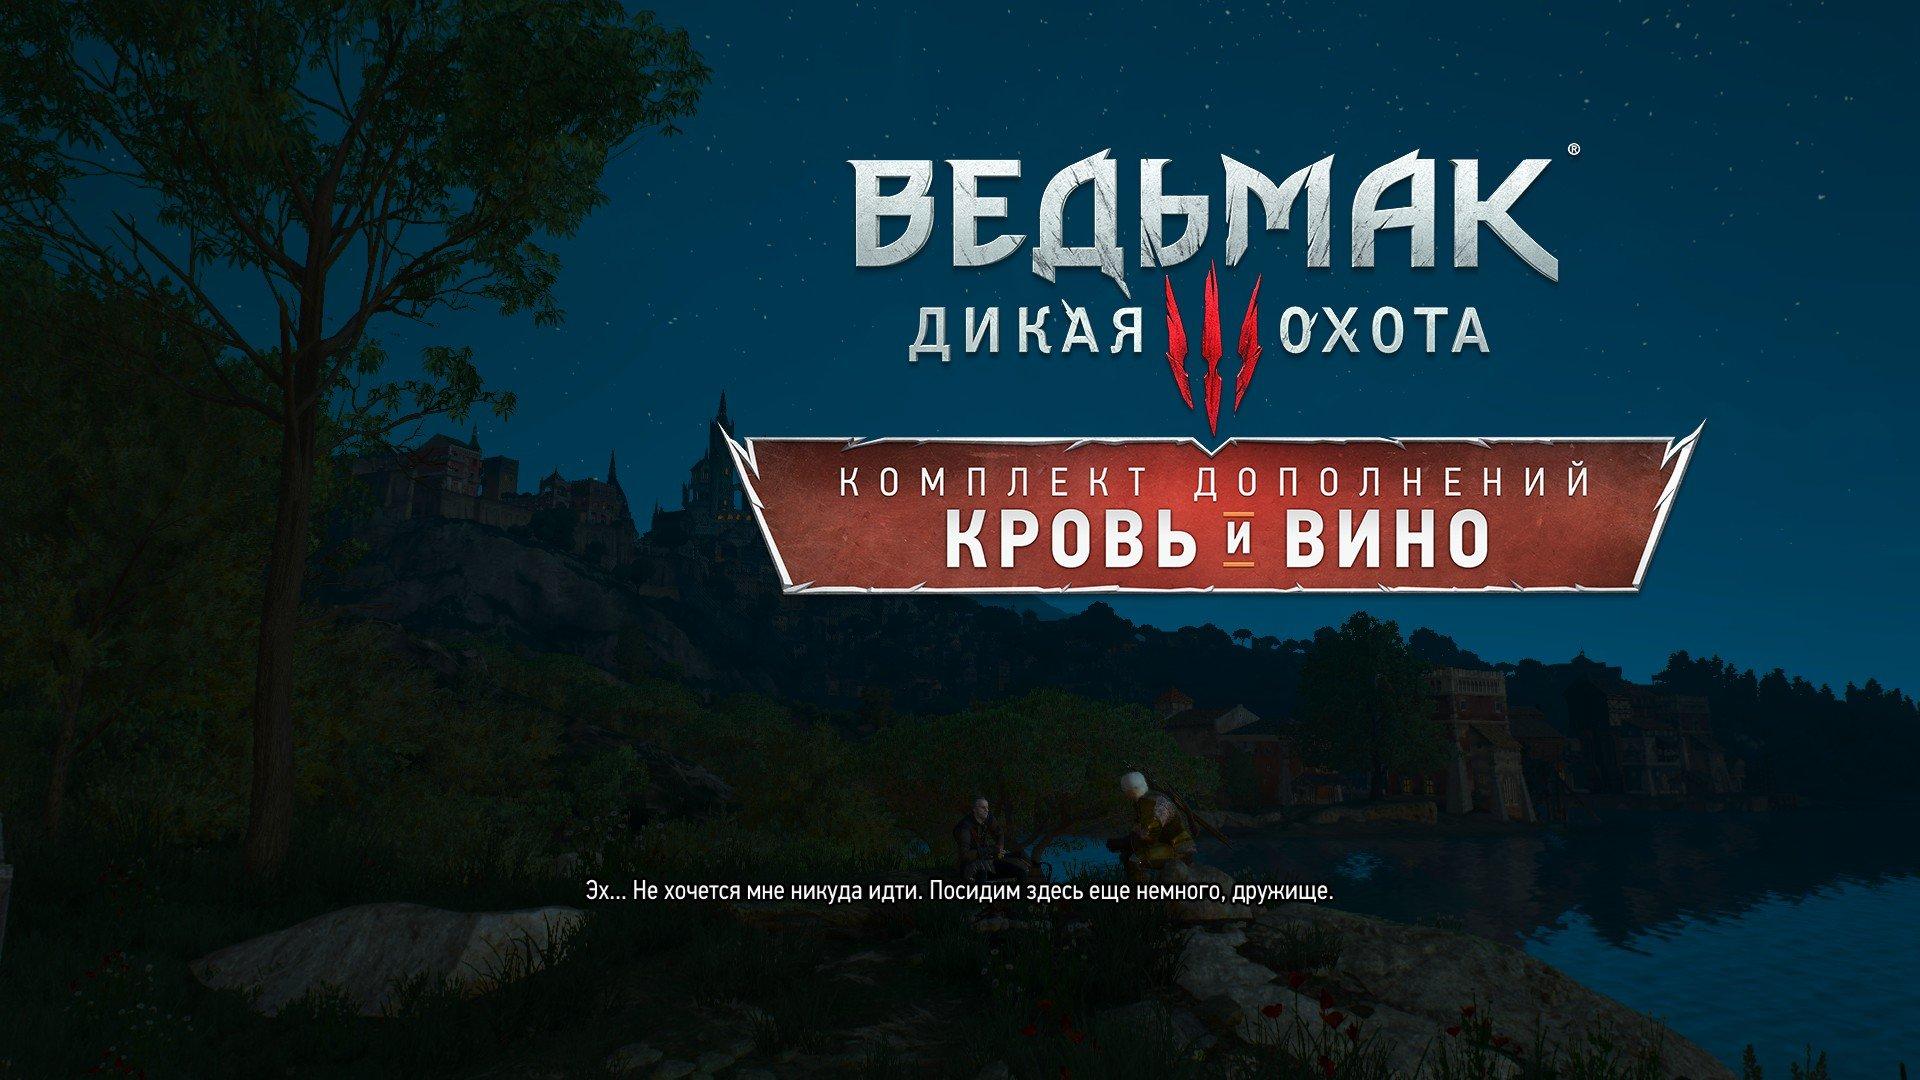 Вопль-прохождение Witcher 3: Кровь и Вино ... ФИНАЛ!!! [ВНИМАНИЕ, СПОЙЛЕРЫ] - Изображение 37